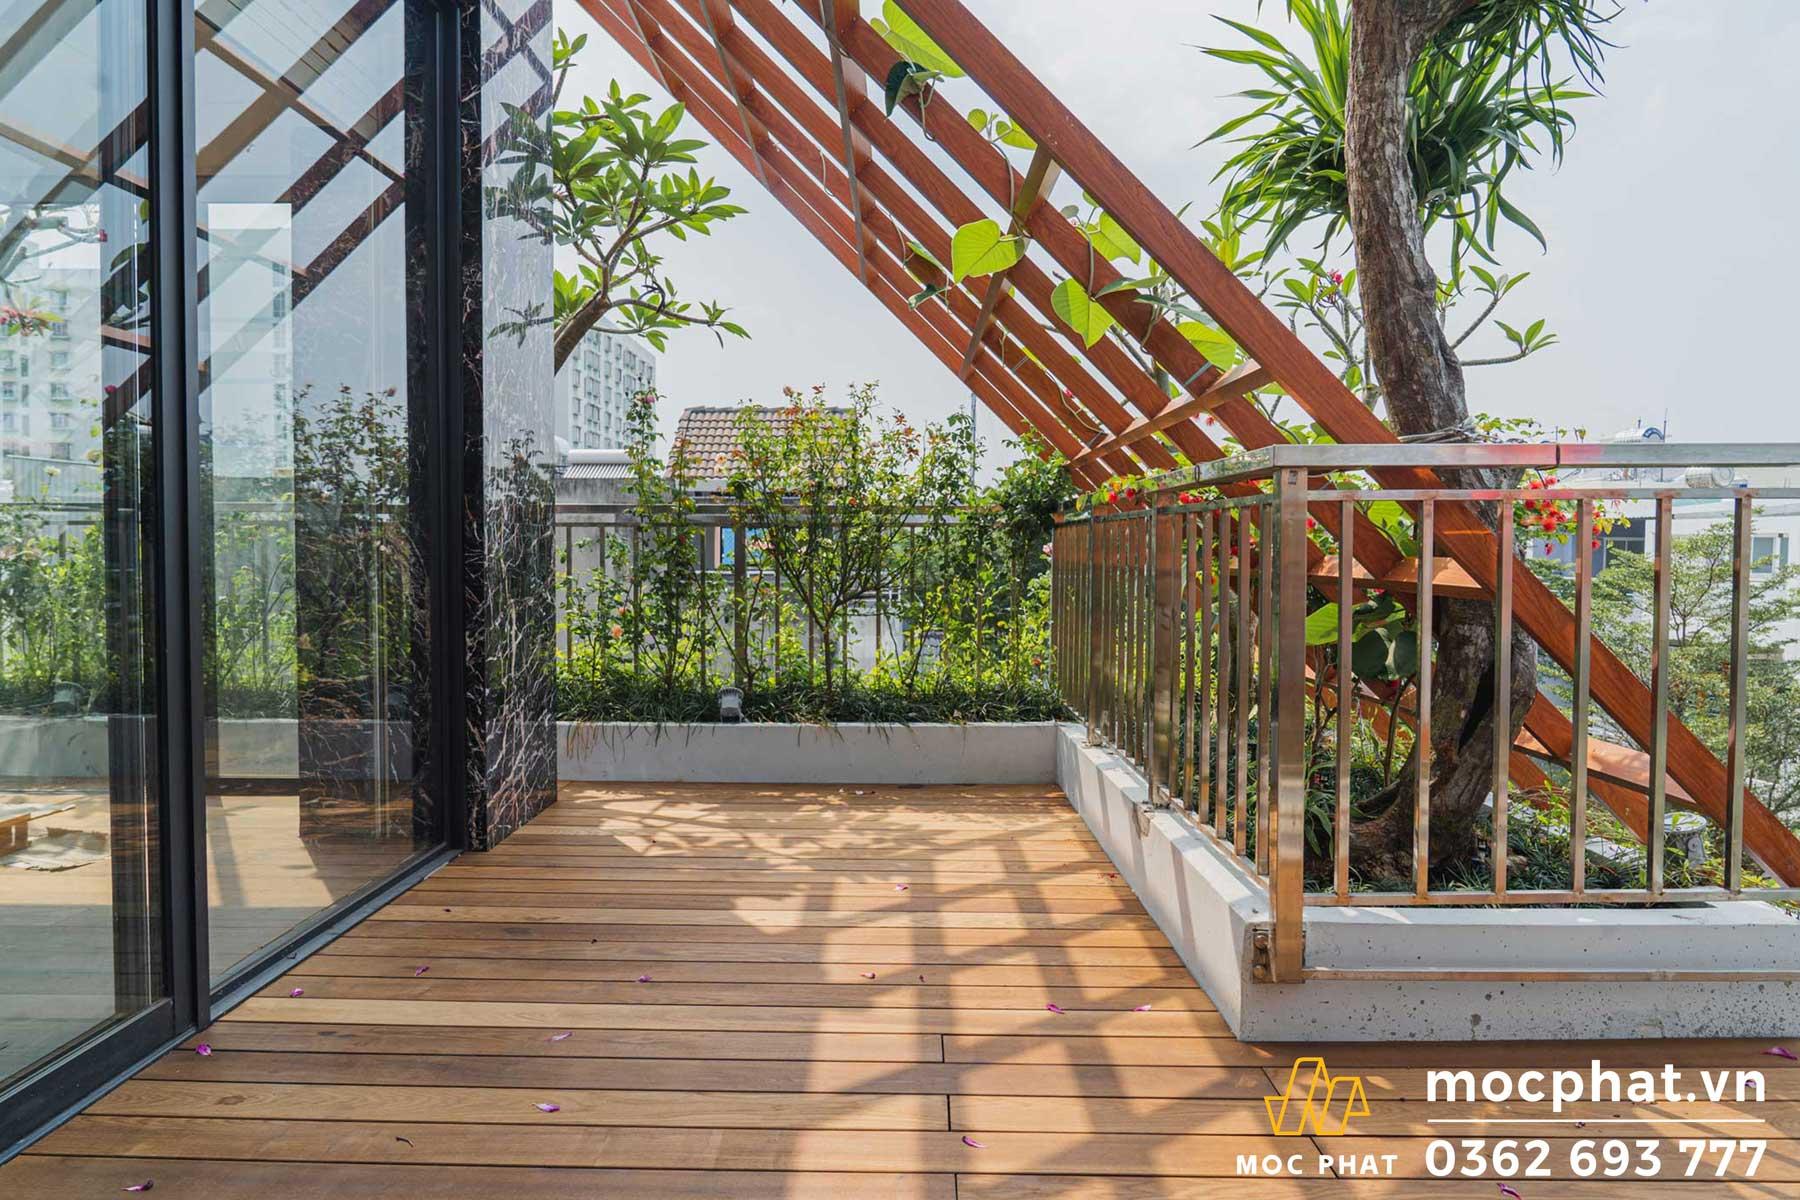 Hình ảnh hoàn thành công trình thi công sàn gỗ sân thượng